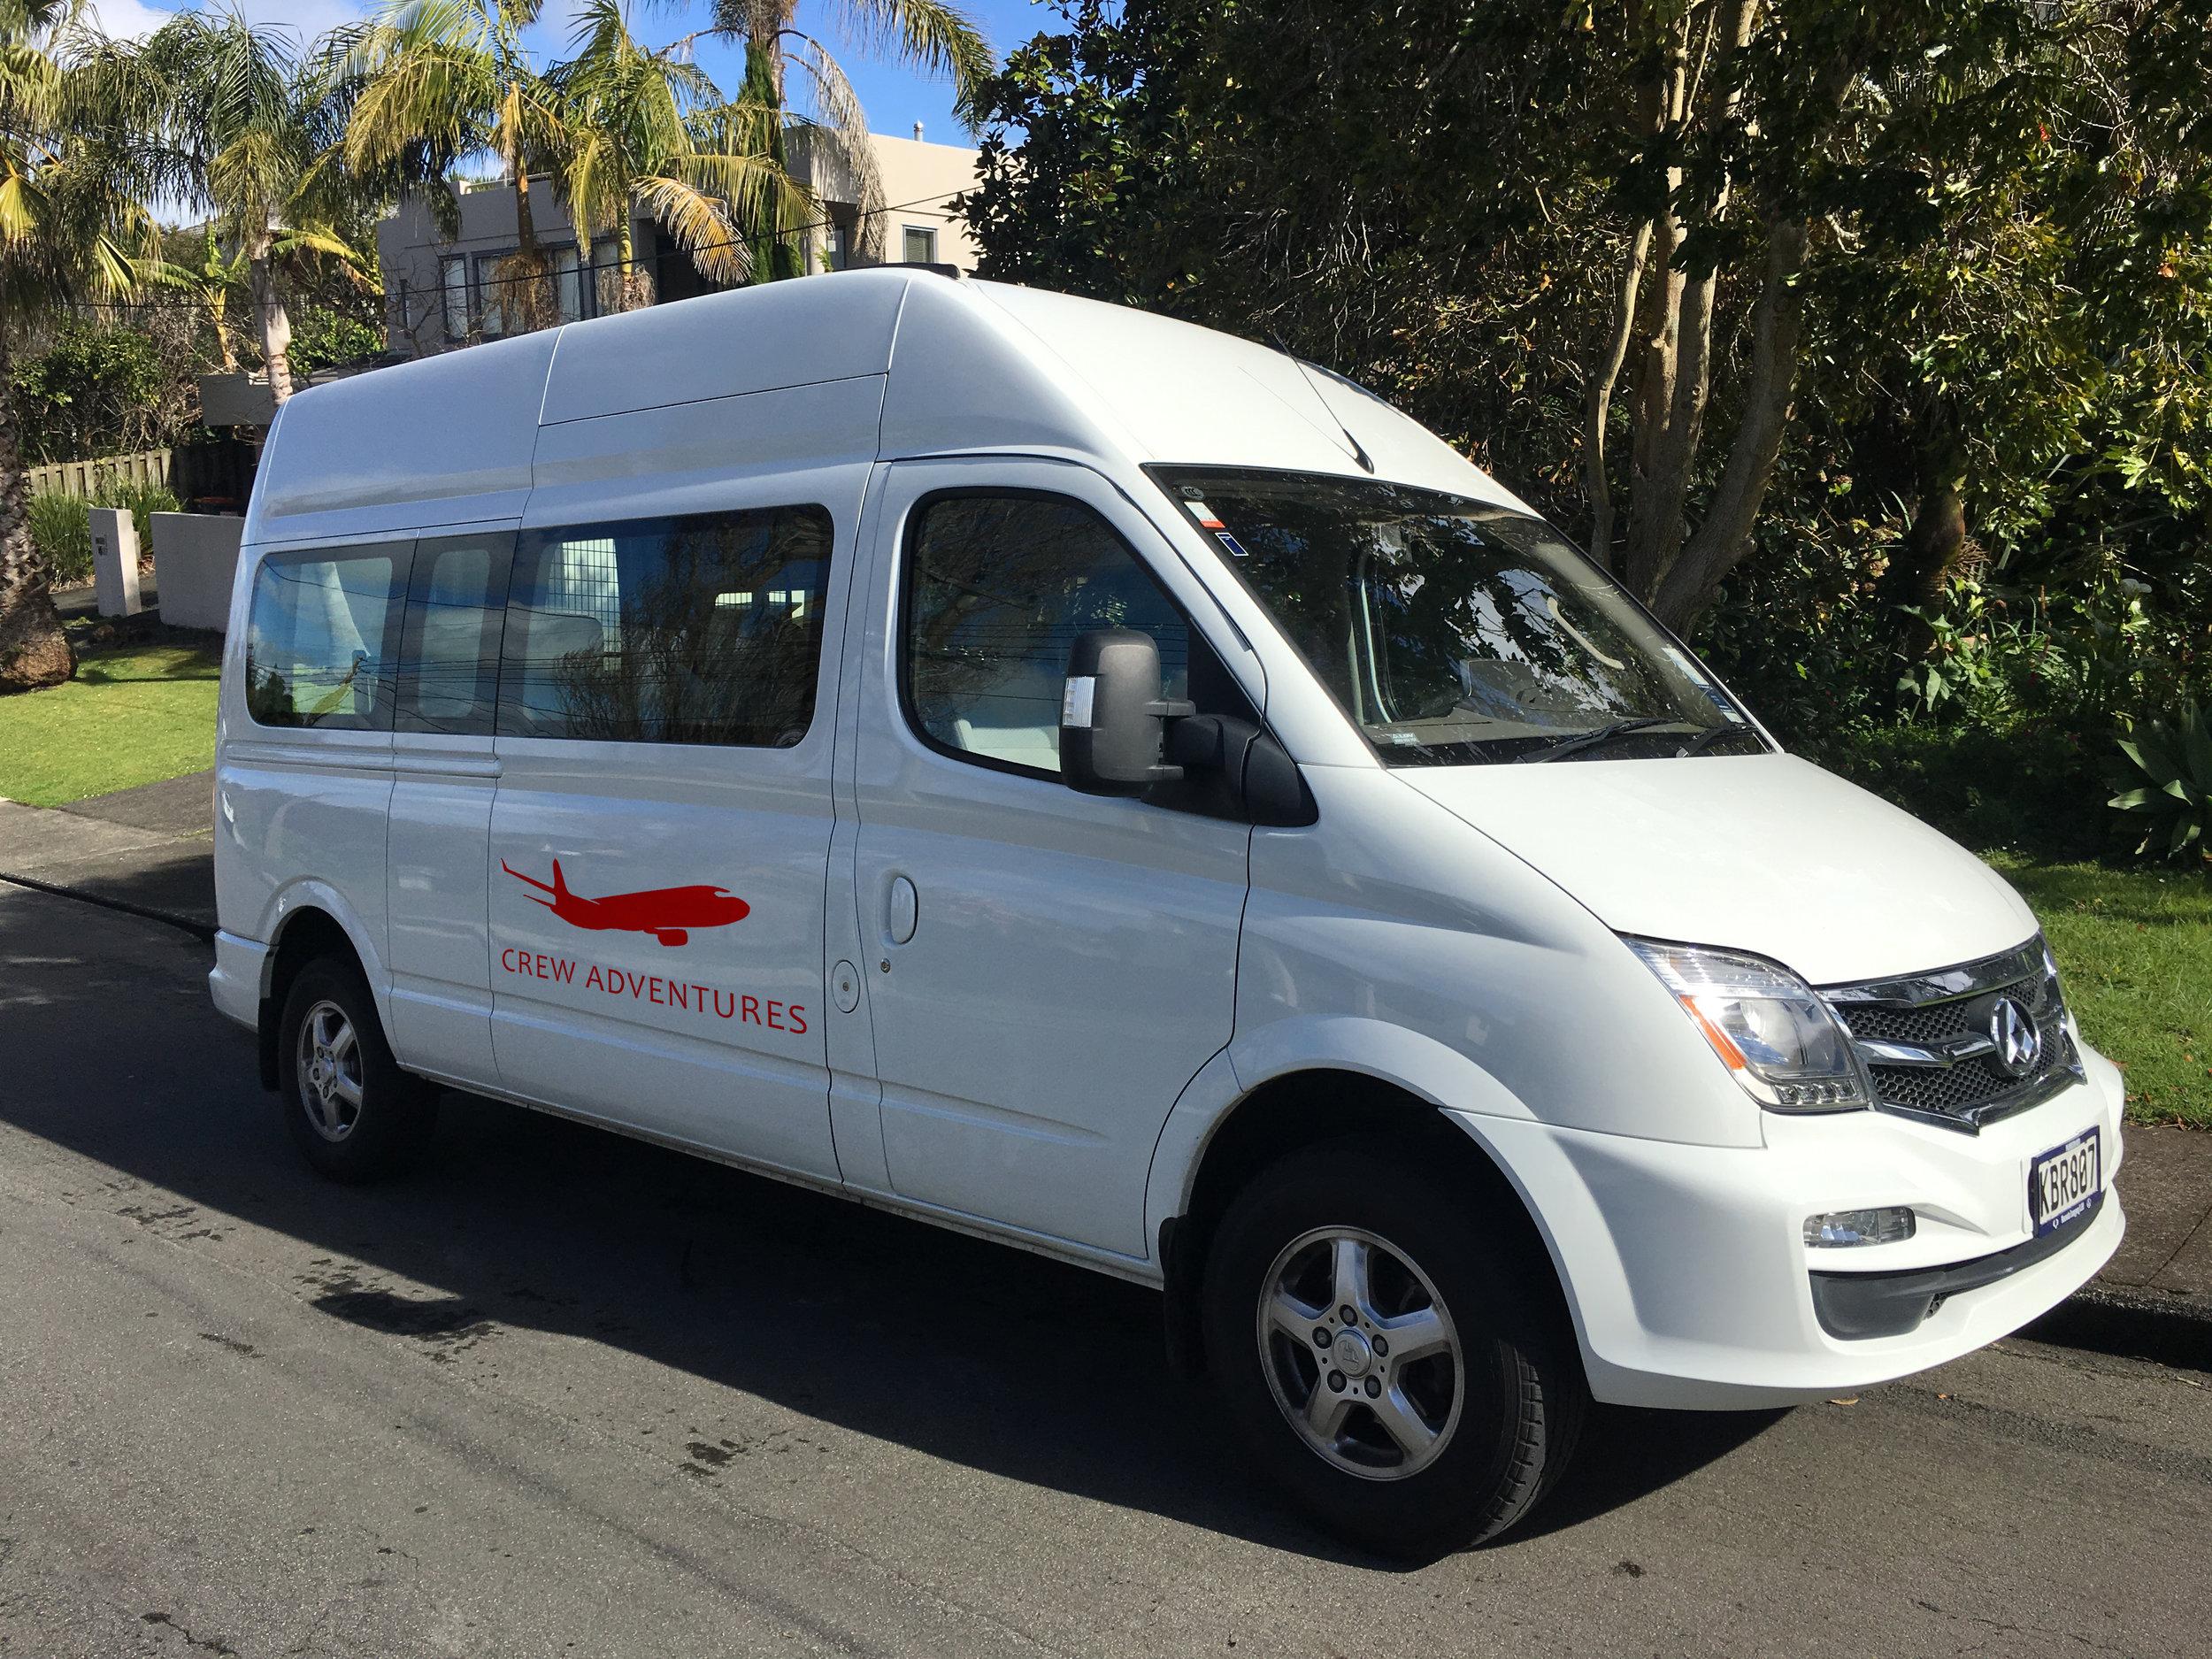 Minibus_crew_adventures.jpg